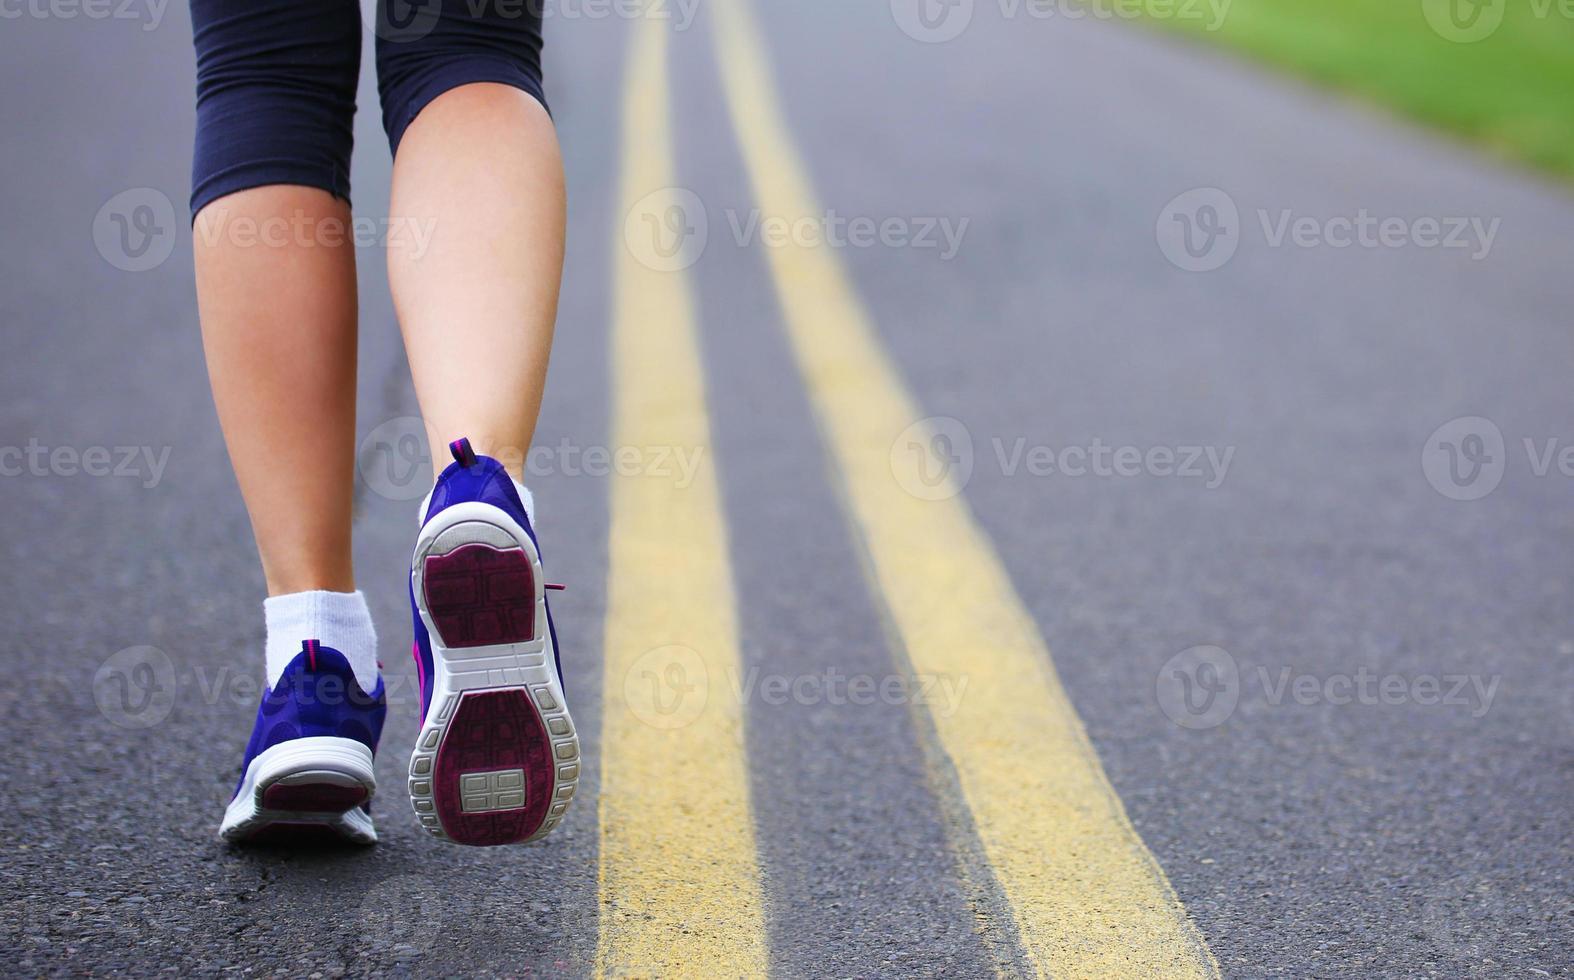 coureur pieds féminins courir sur route photo